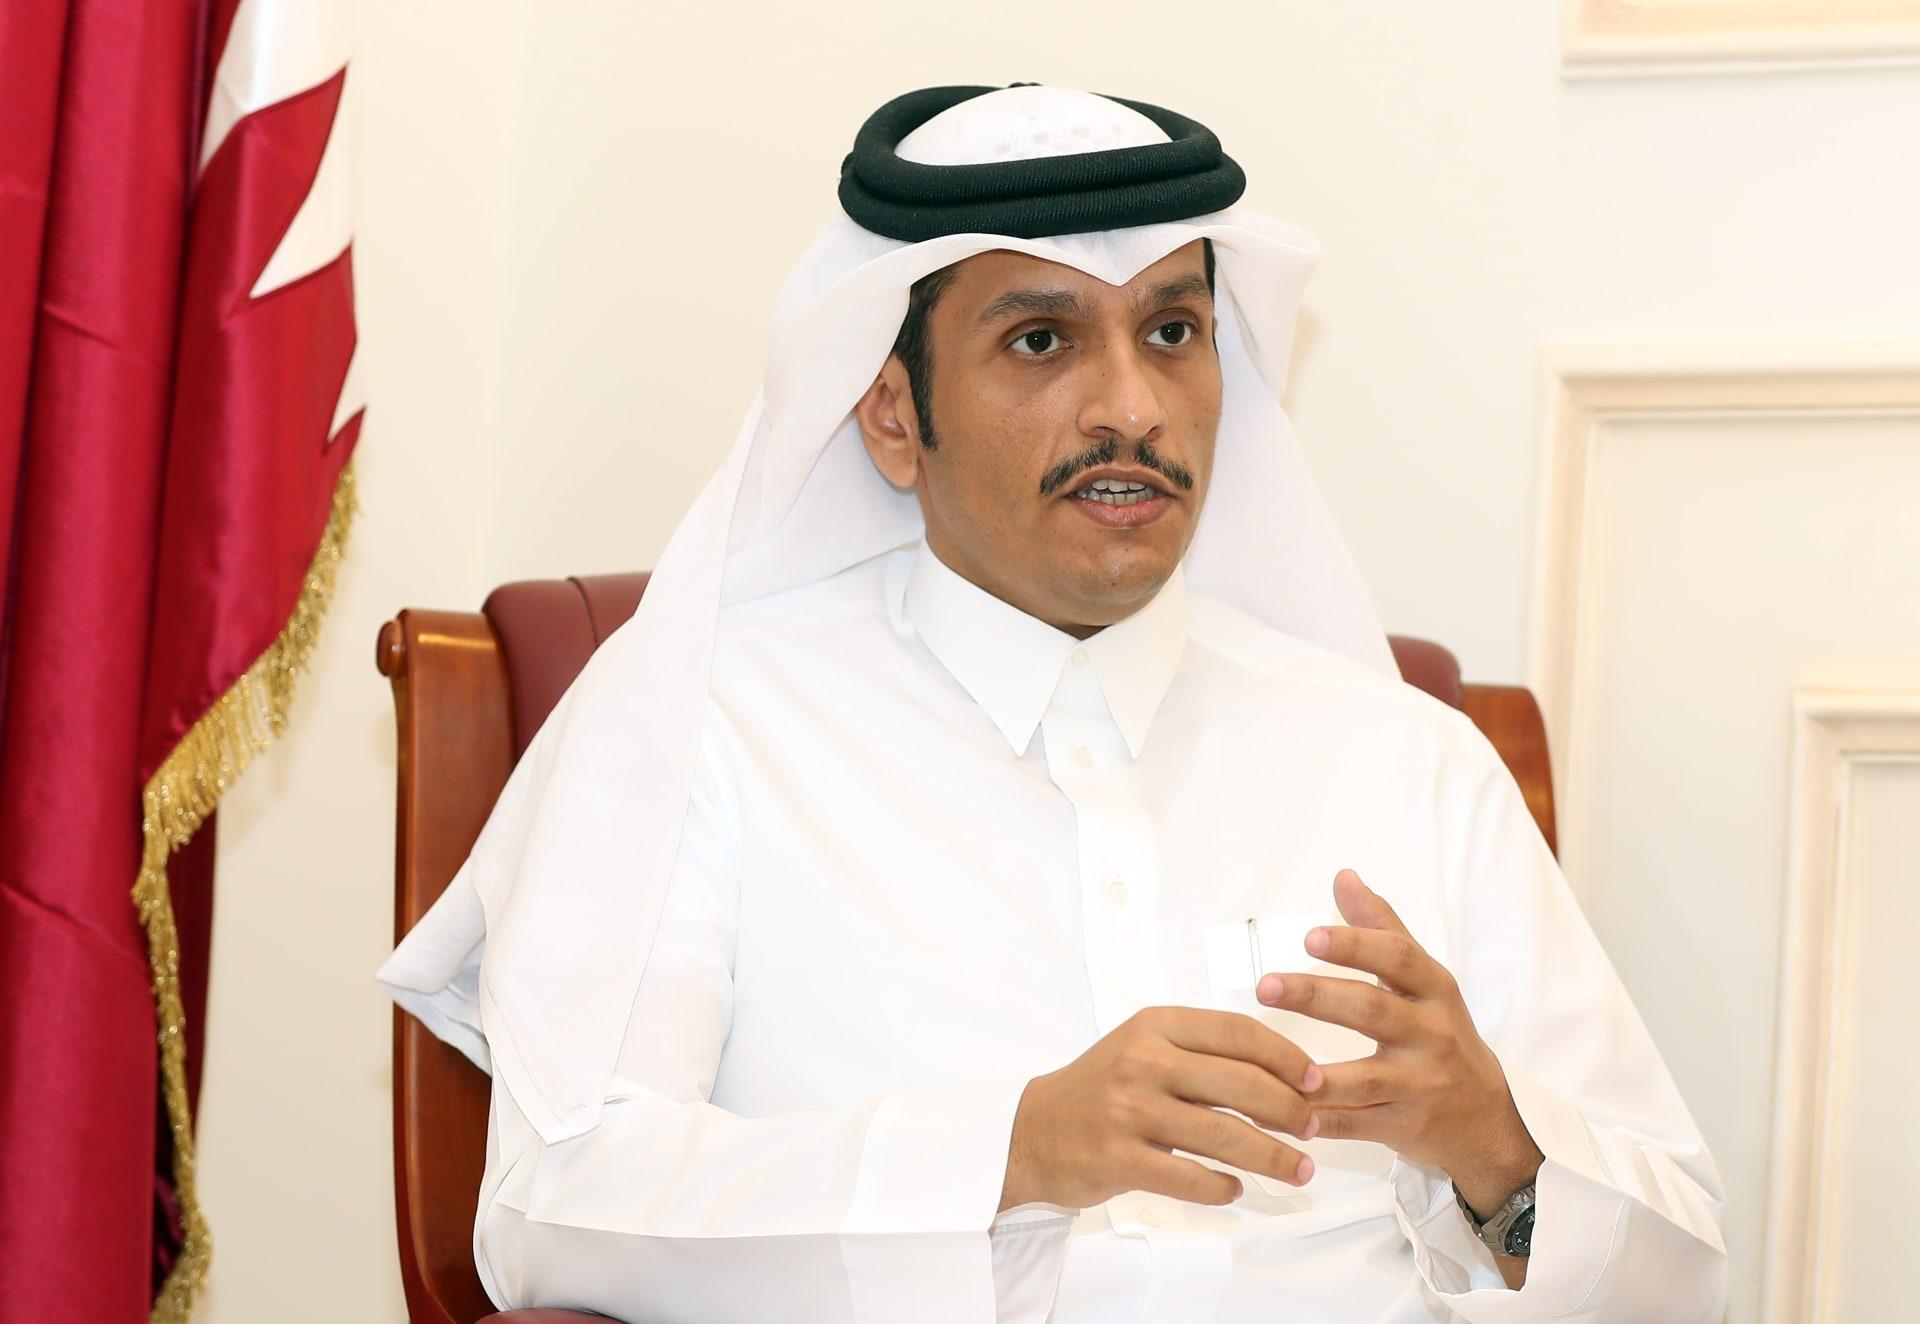 وزير خارجية قطر: أمن حجاجنا مسؤولية السلطات السعودية.. وإعلامها ينشر الكراهية ضدنا